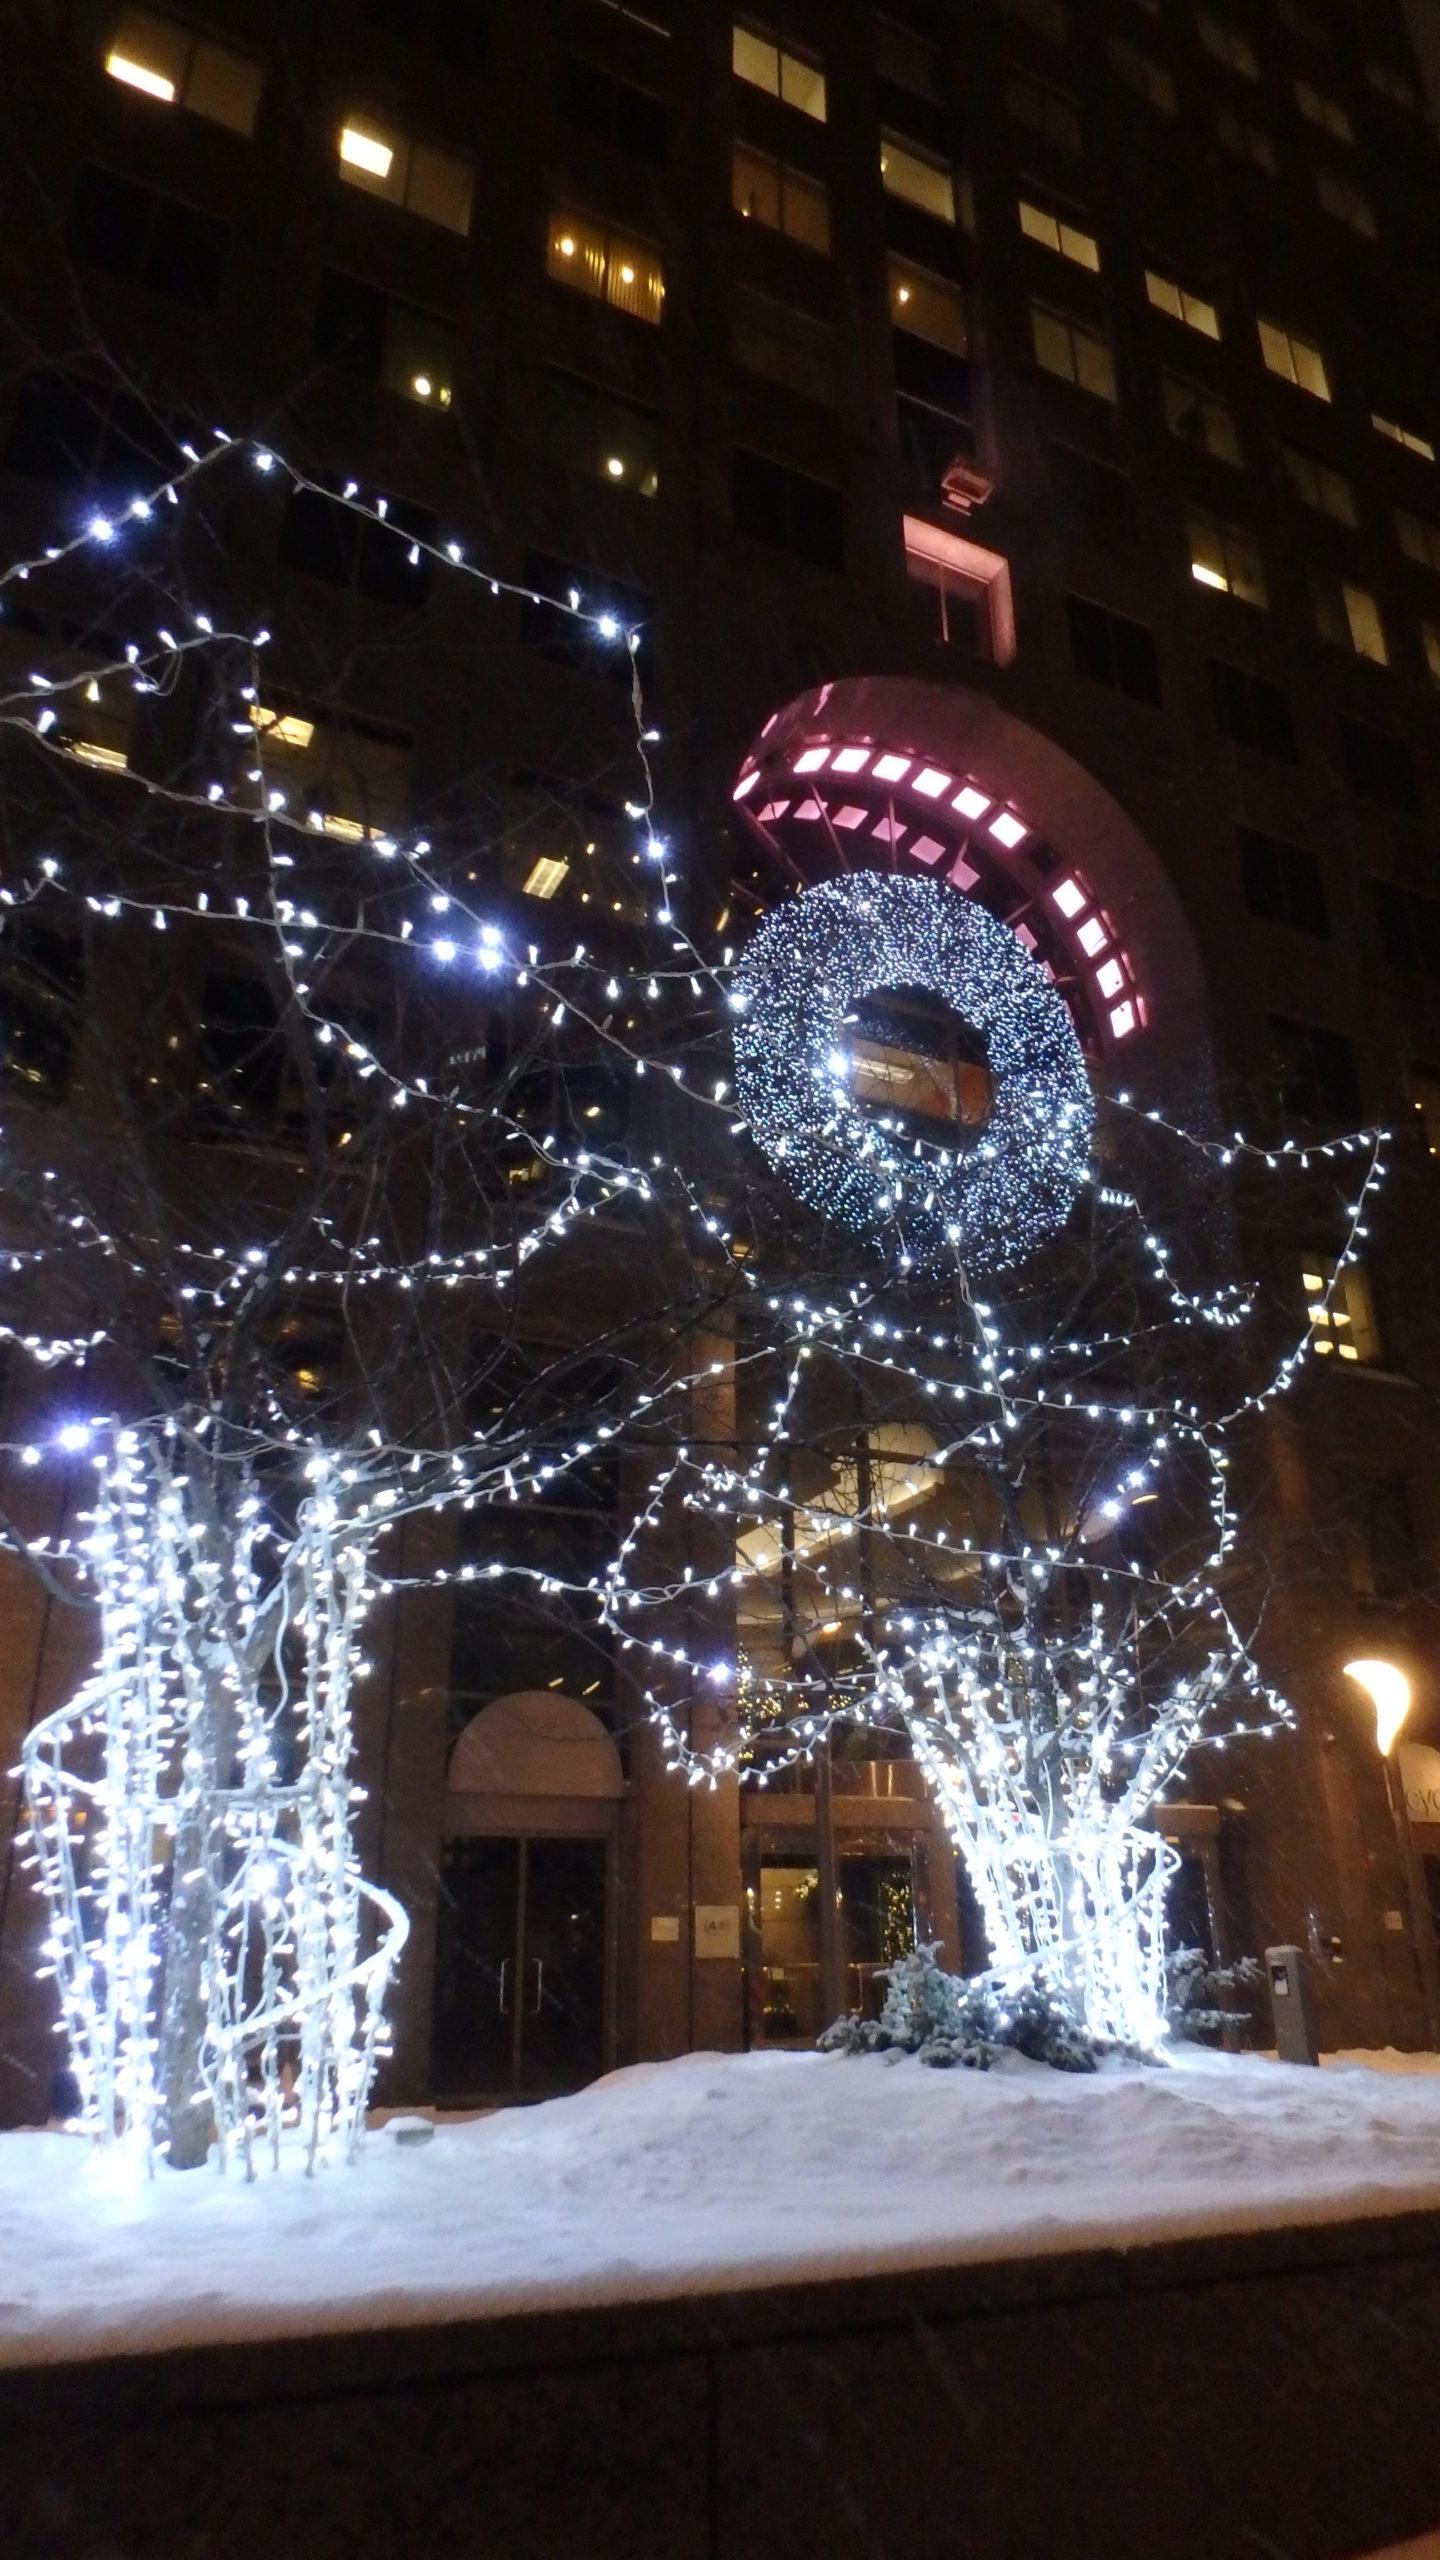 C'est la période de Noël et les décorations sont très présentes 😍.